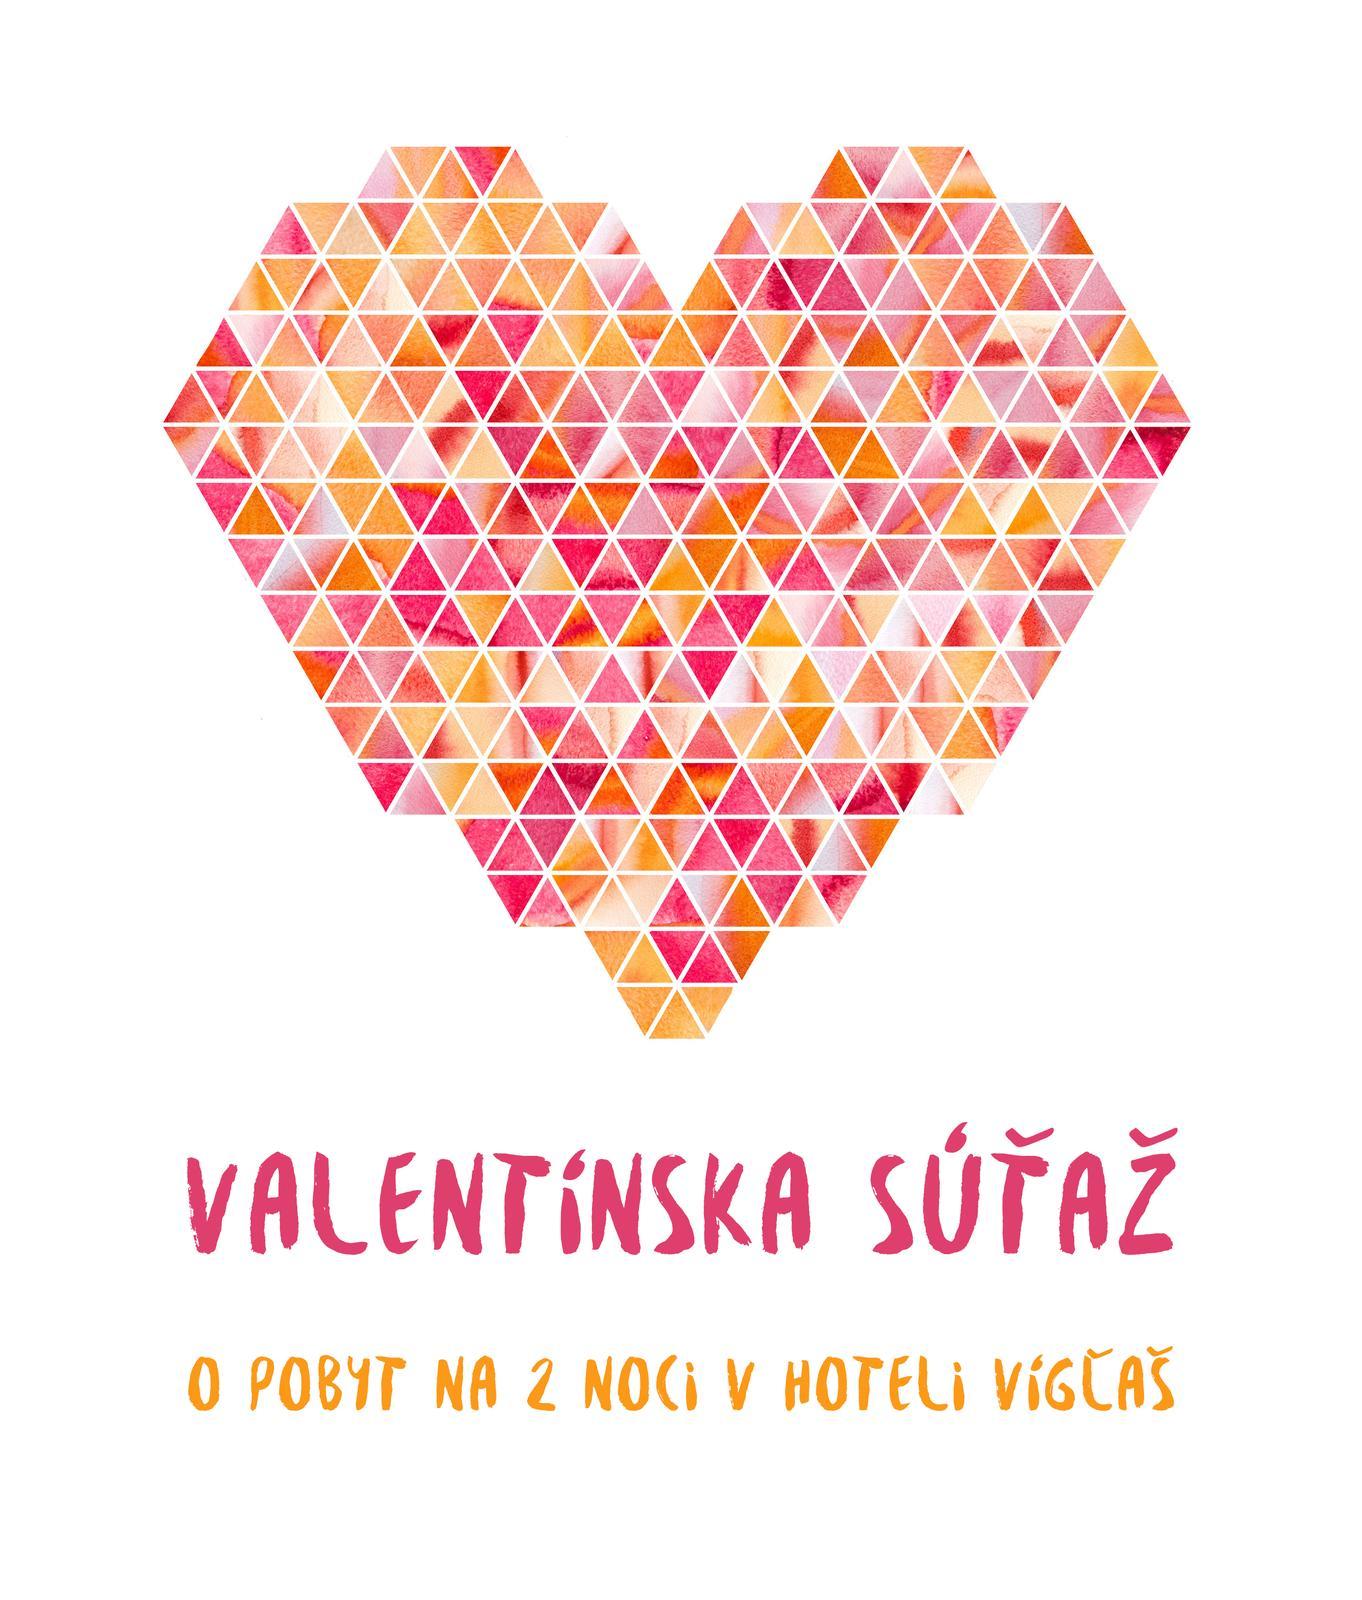 SÚŤAŽ: Odfoťte, ako ste s partnerom oslávili Valentína alebo akým valentínskym darčekom vás partner potešil, pridajte fotku do súťaže tu https://www.mojasvadba.sk/forum/mojasvadba-sk/valentinska-sutaz-vyhrajte-romanticky-pobyt-na-2-noci-v-hoteli-viglas-2/ a vyhrajte pobyt pre 2 osoby na dve noci v hoteli Vígľaš :) fotky môžete posielať až do konca týždňa, takže ak vás oslava čaká až cez víkend, stále to stíhate :) prajem krásny deň, či už Valentína oslavujete alebo nie, nech je plný lásky :) - Obrázok č. 1